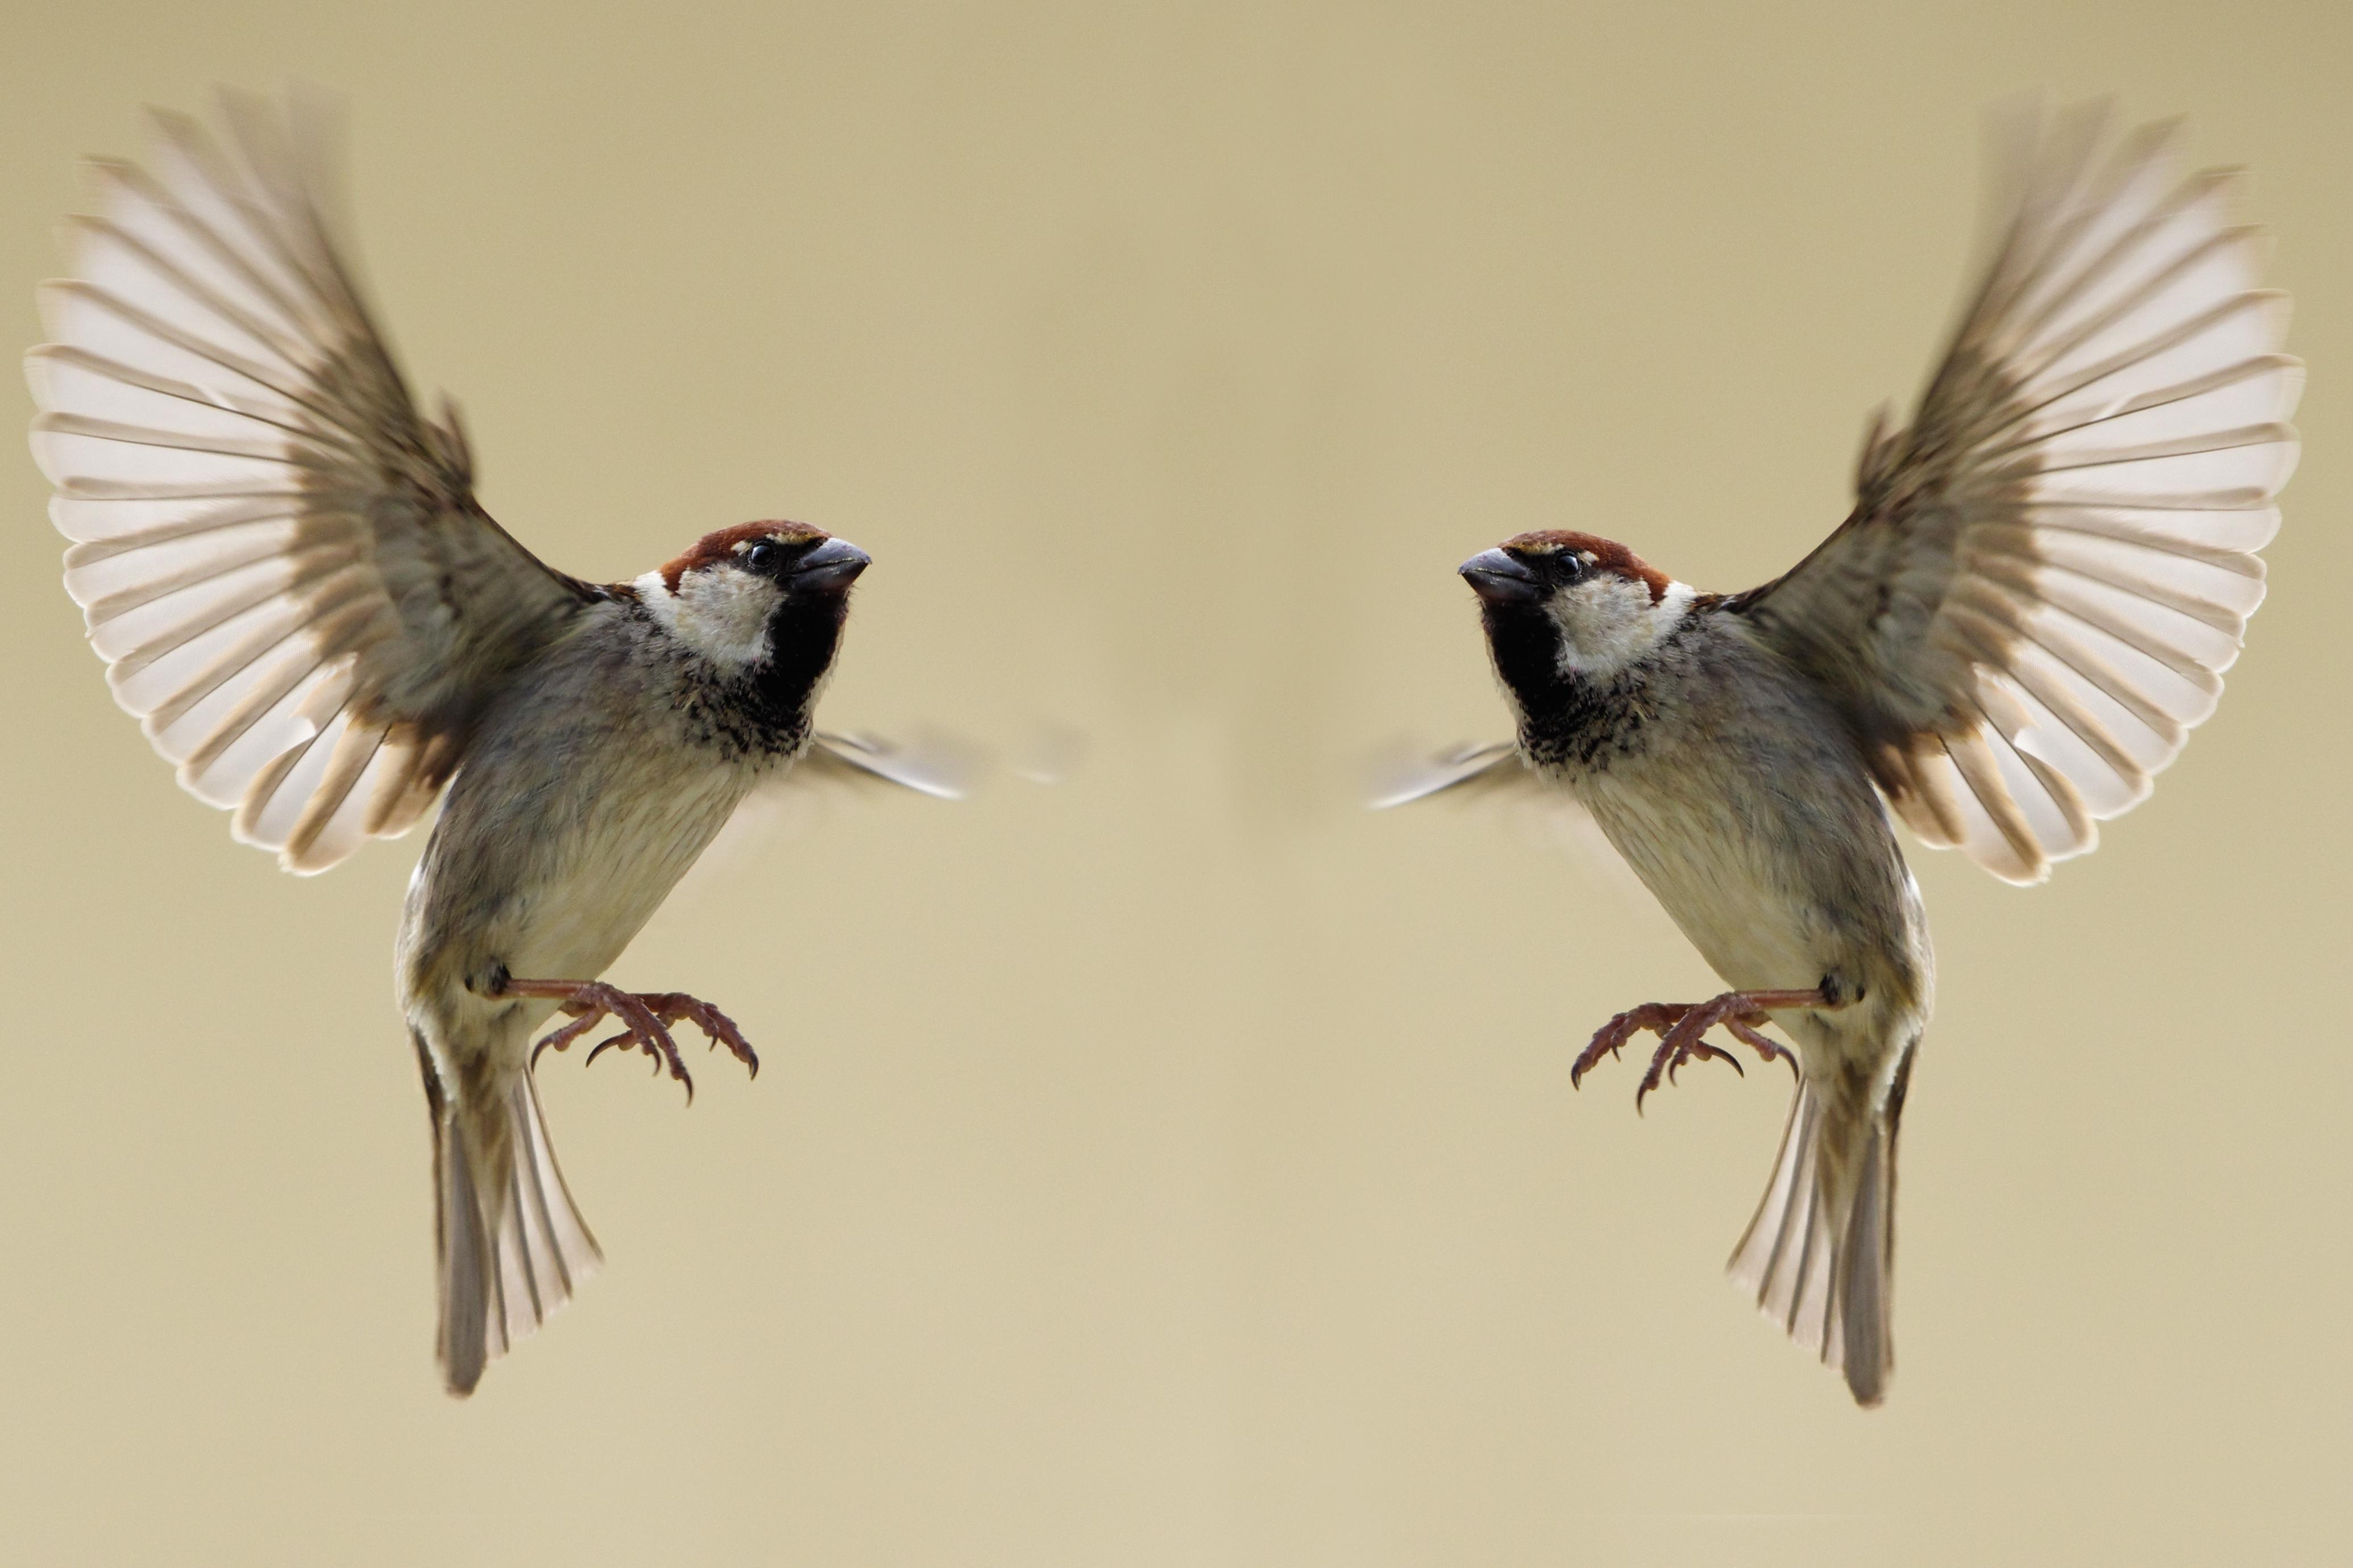 Sparrows In Flight Custom Wallpaper